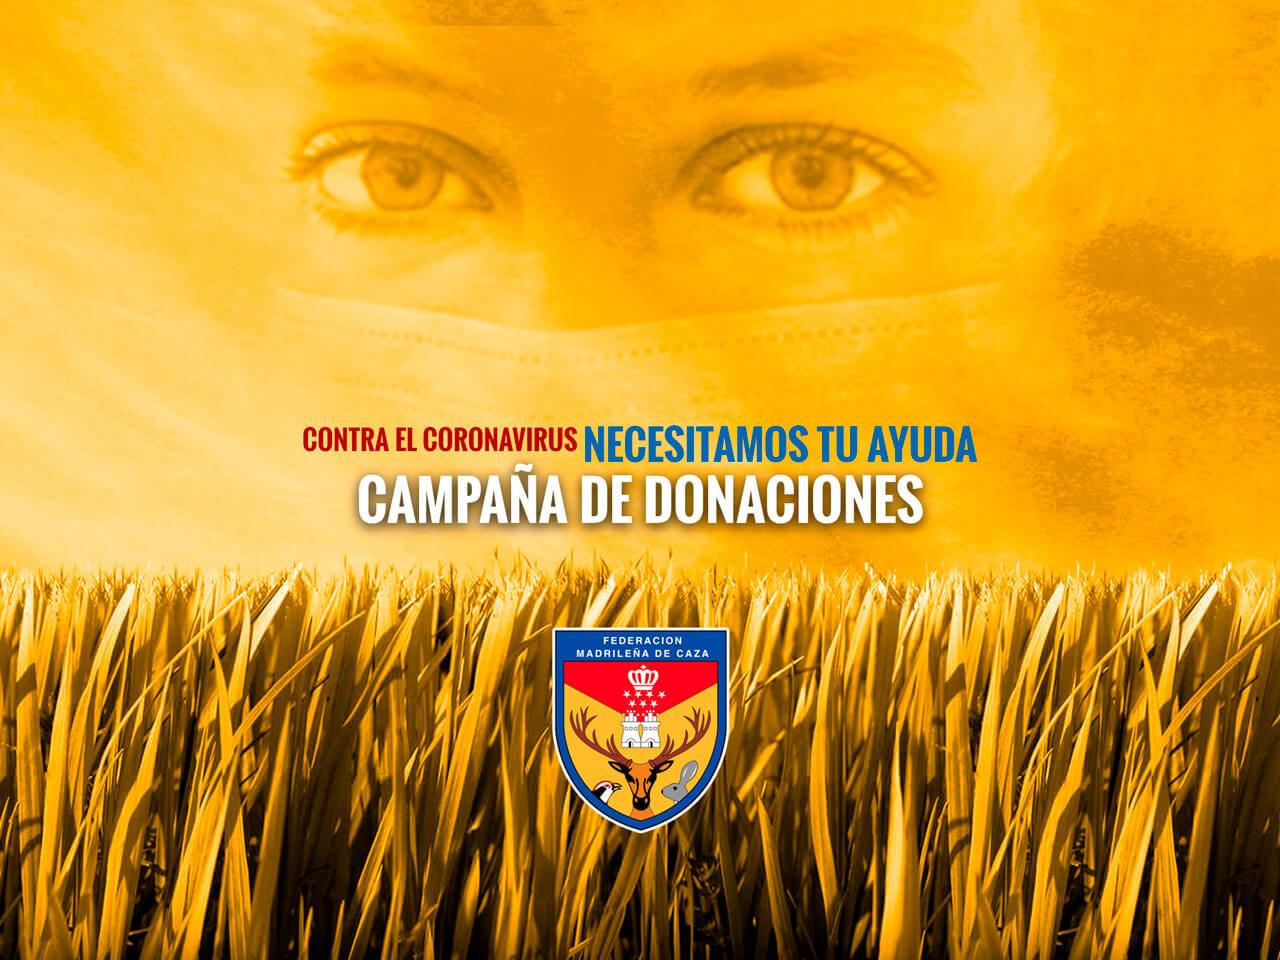 Campaña solidaria de la Federación Madrileña de Caza